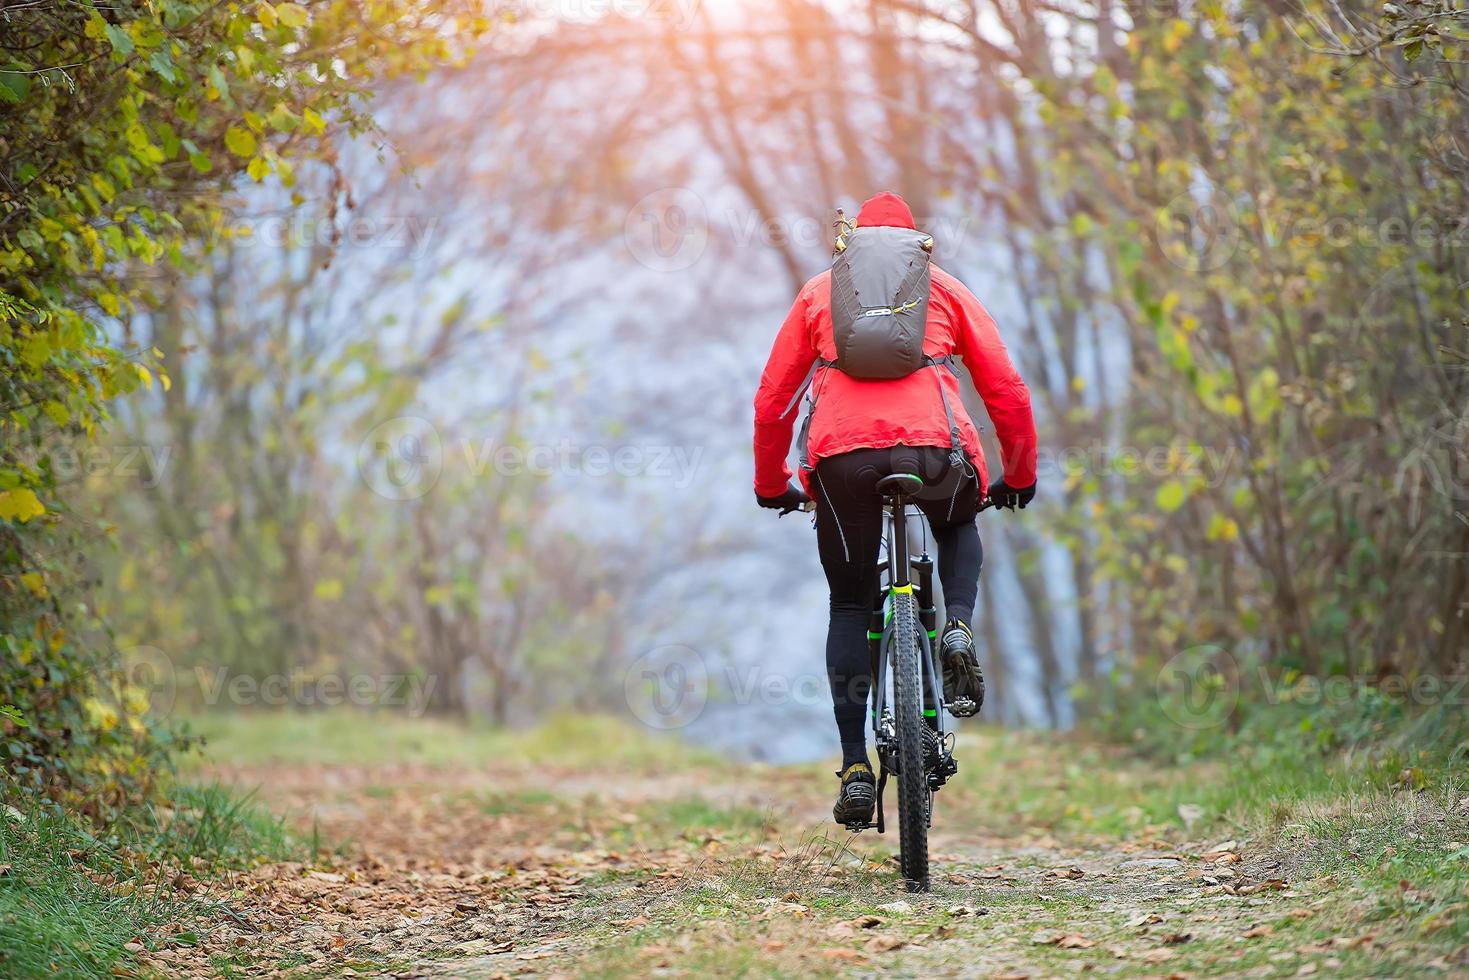 ciclismo de montaña en la calle en el bosque foto